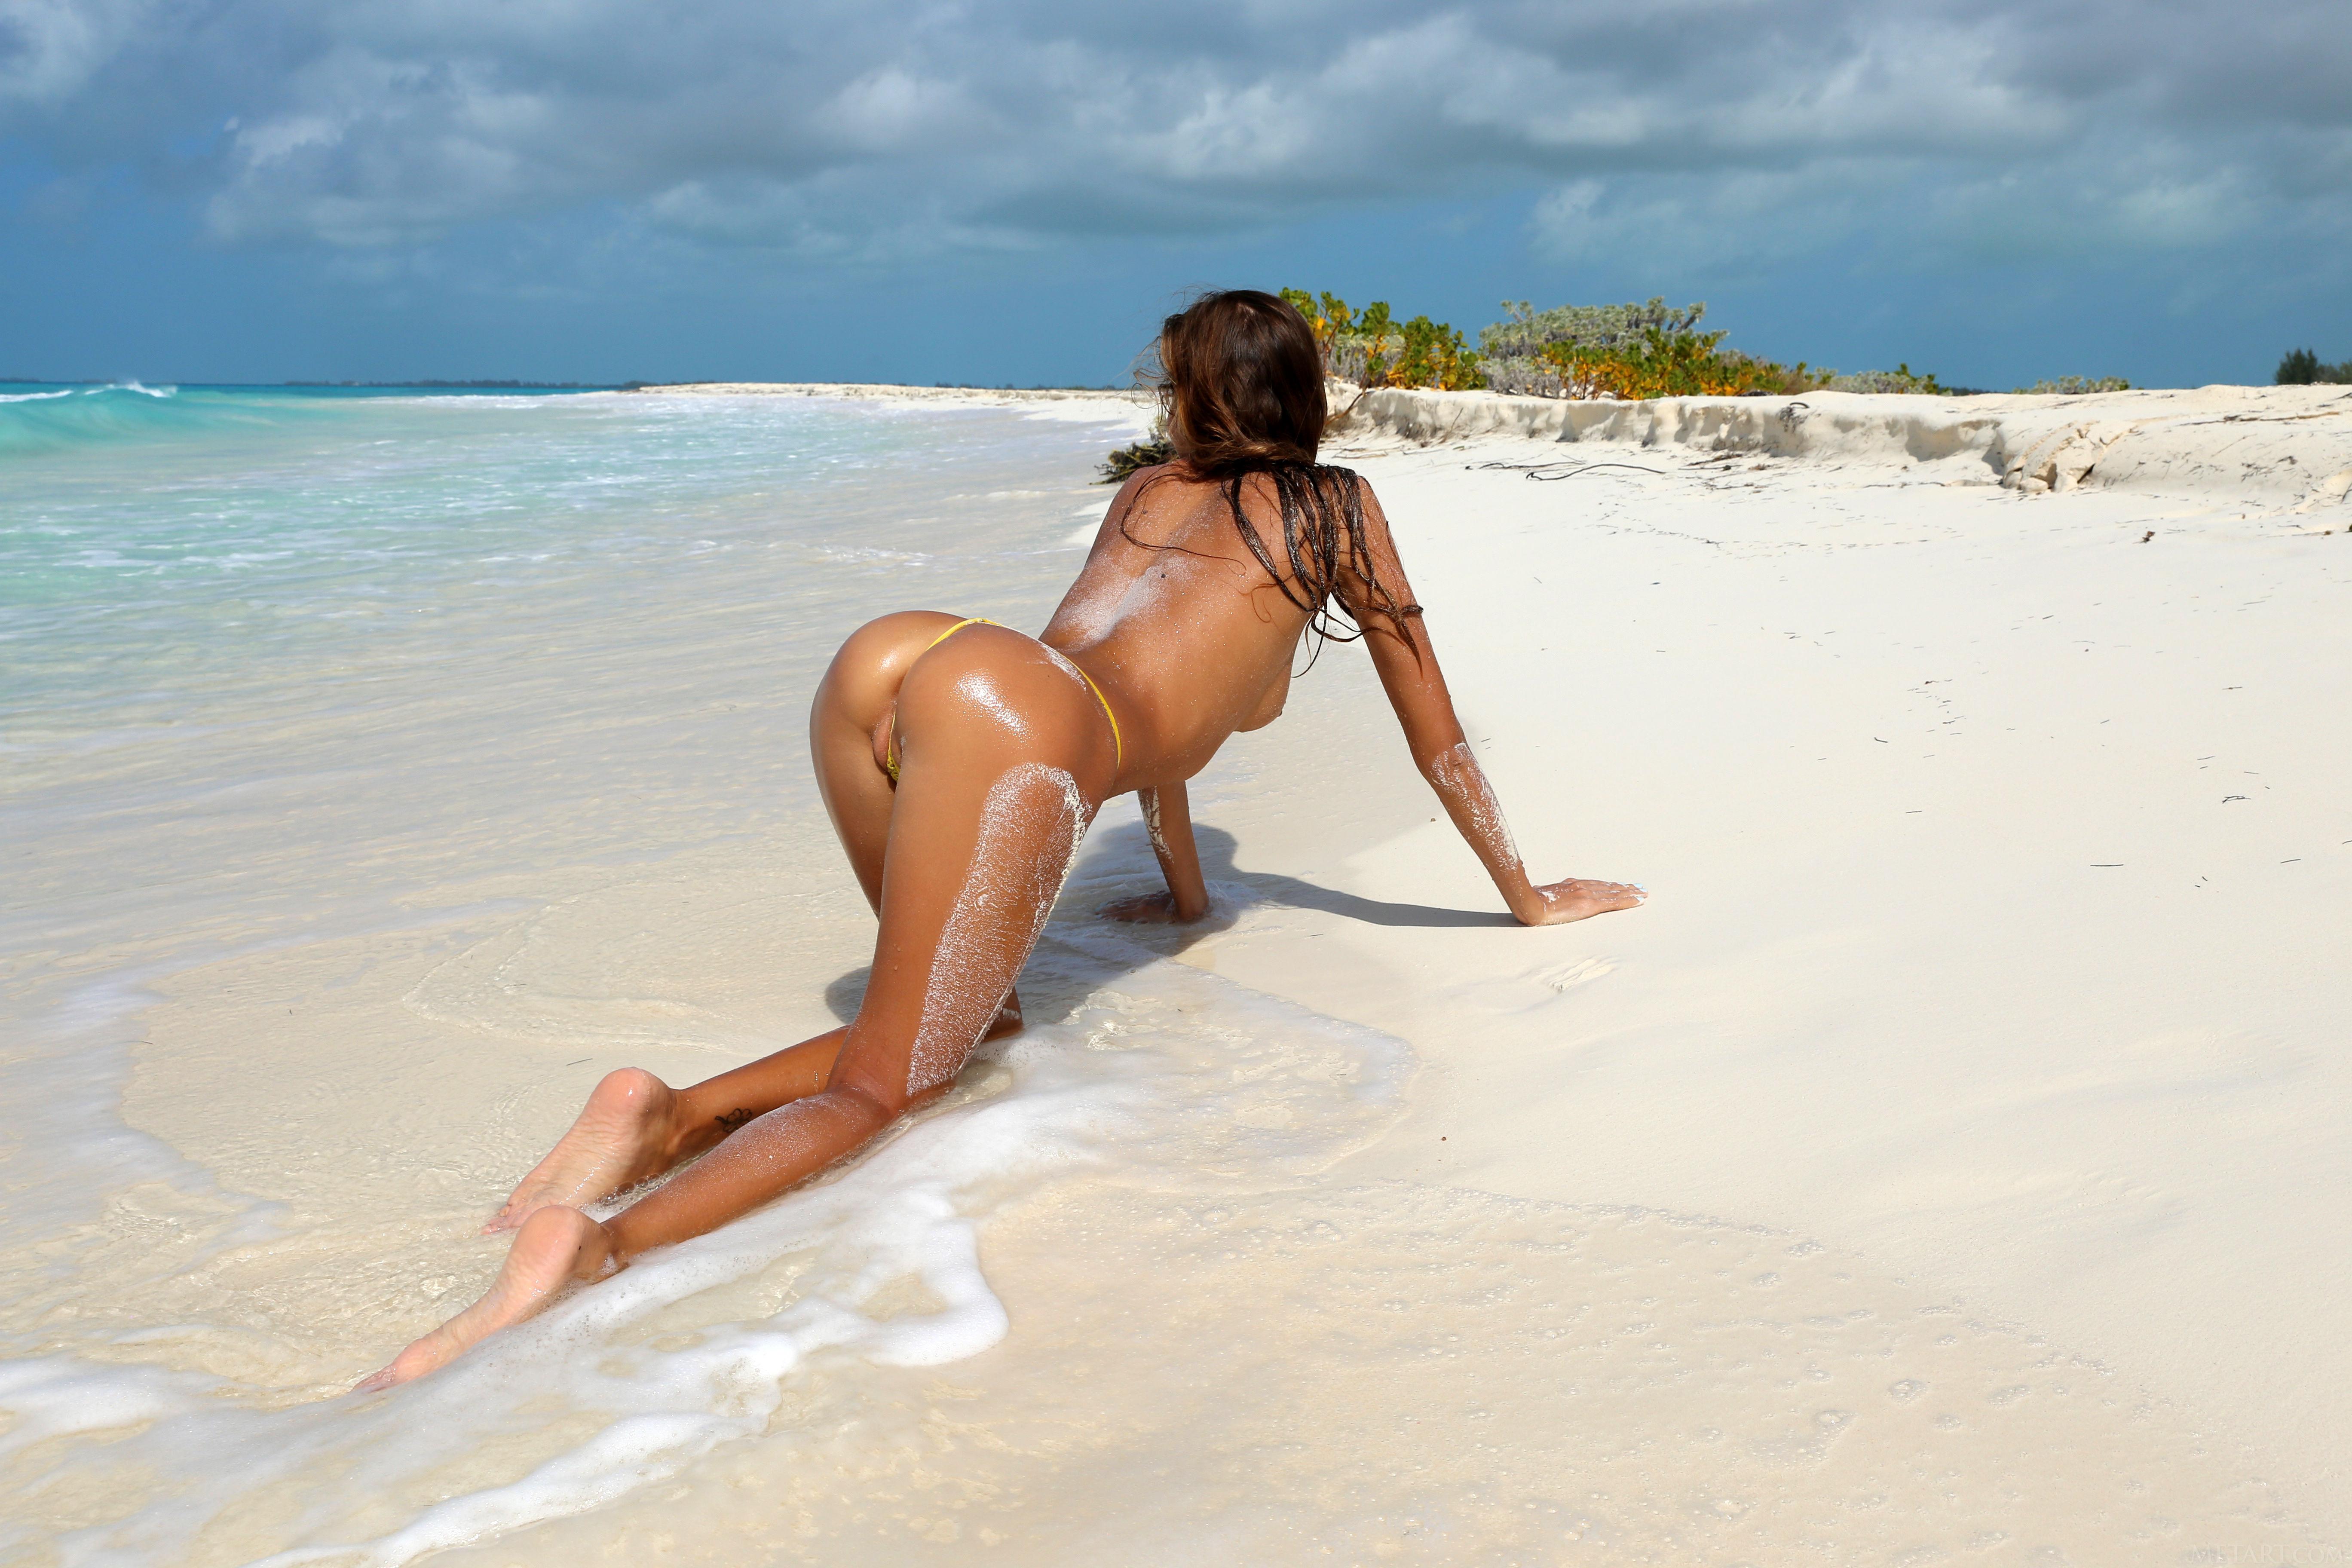 пляж польша клаудия фото самом деле эти